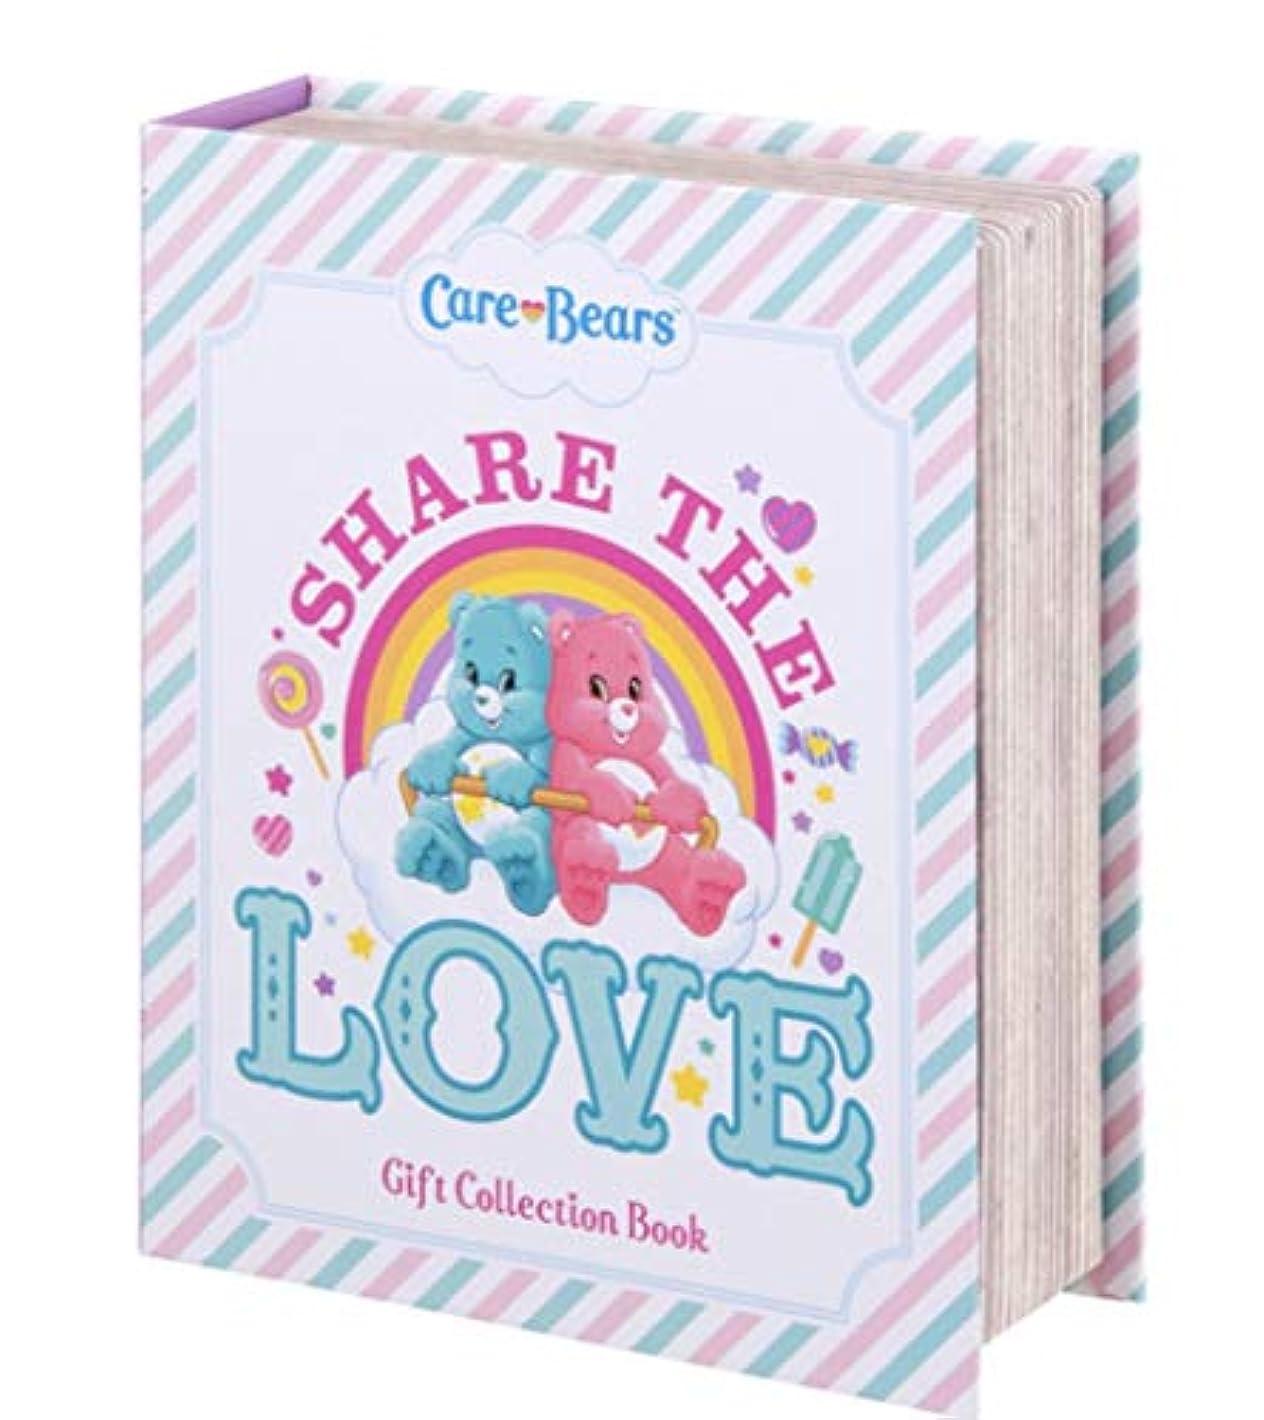 報奨金正直一回ケアベア Care Bears ボディケア ギフトコレクションブック Gift Collection Book Body Care Coffret